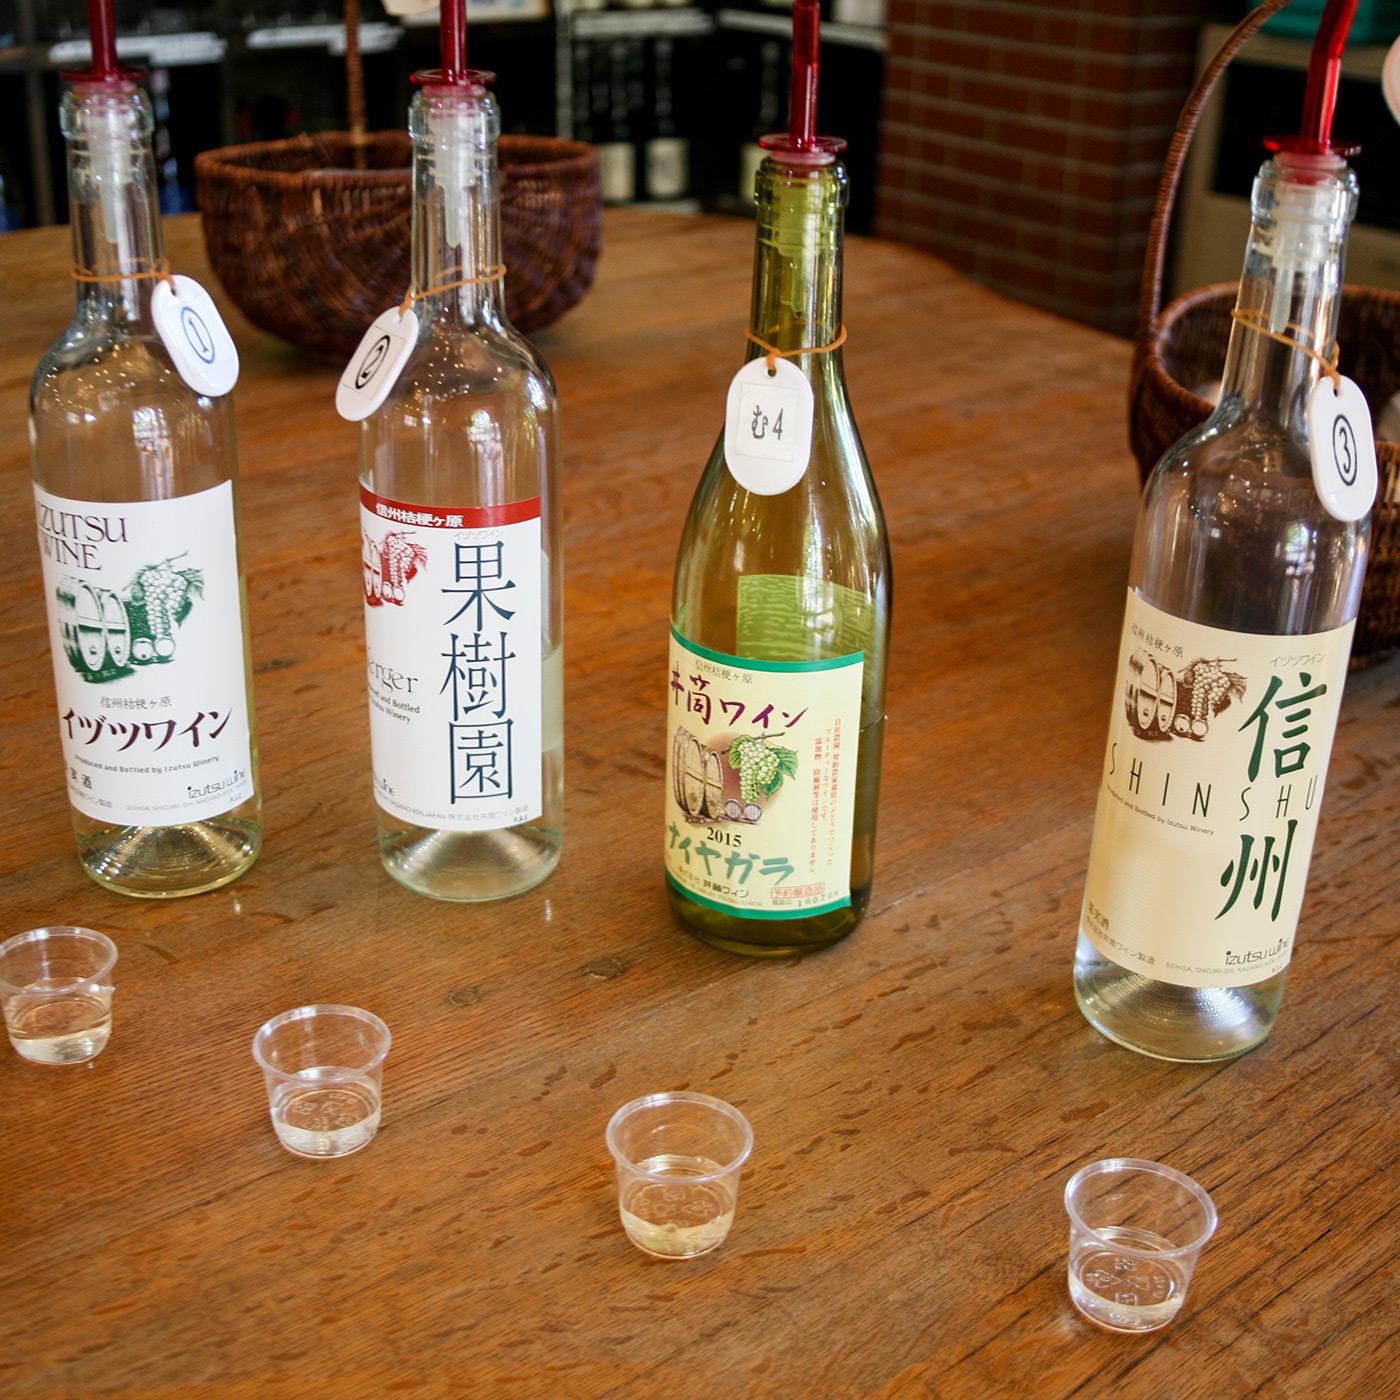 井筒ワインの主な白ワイン。右から「信州 白」(セミヨン、竜眼、ケルナーを使用、1,433円)、「井筒無添加ワイン ナイヤガラ白 甘口」(ナイヤガラを使用、1,282円)、「ヴェルジェ 白」(竜眼、その他を使用、1,066円)、「スタンダード 白」(ナイヤガラを使用、958円)※価格はすべて税込。以下同。